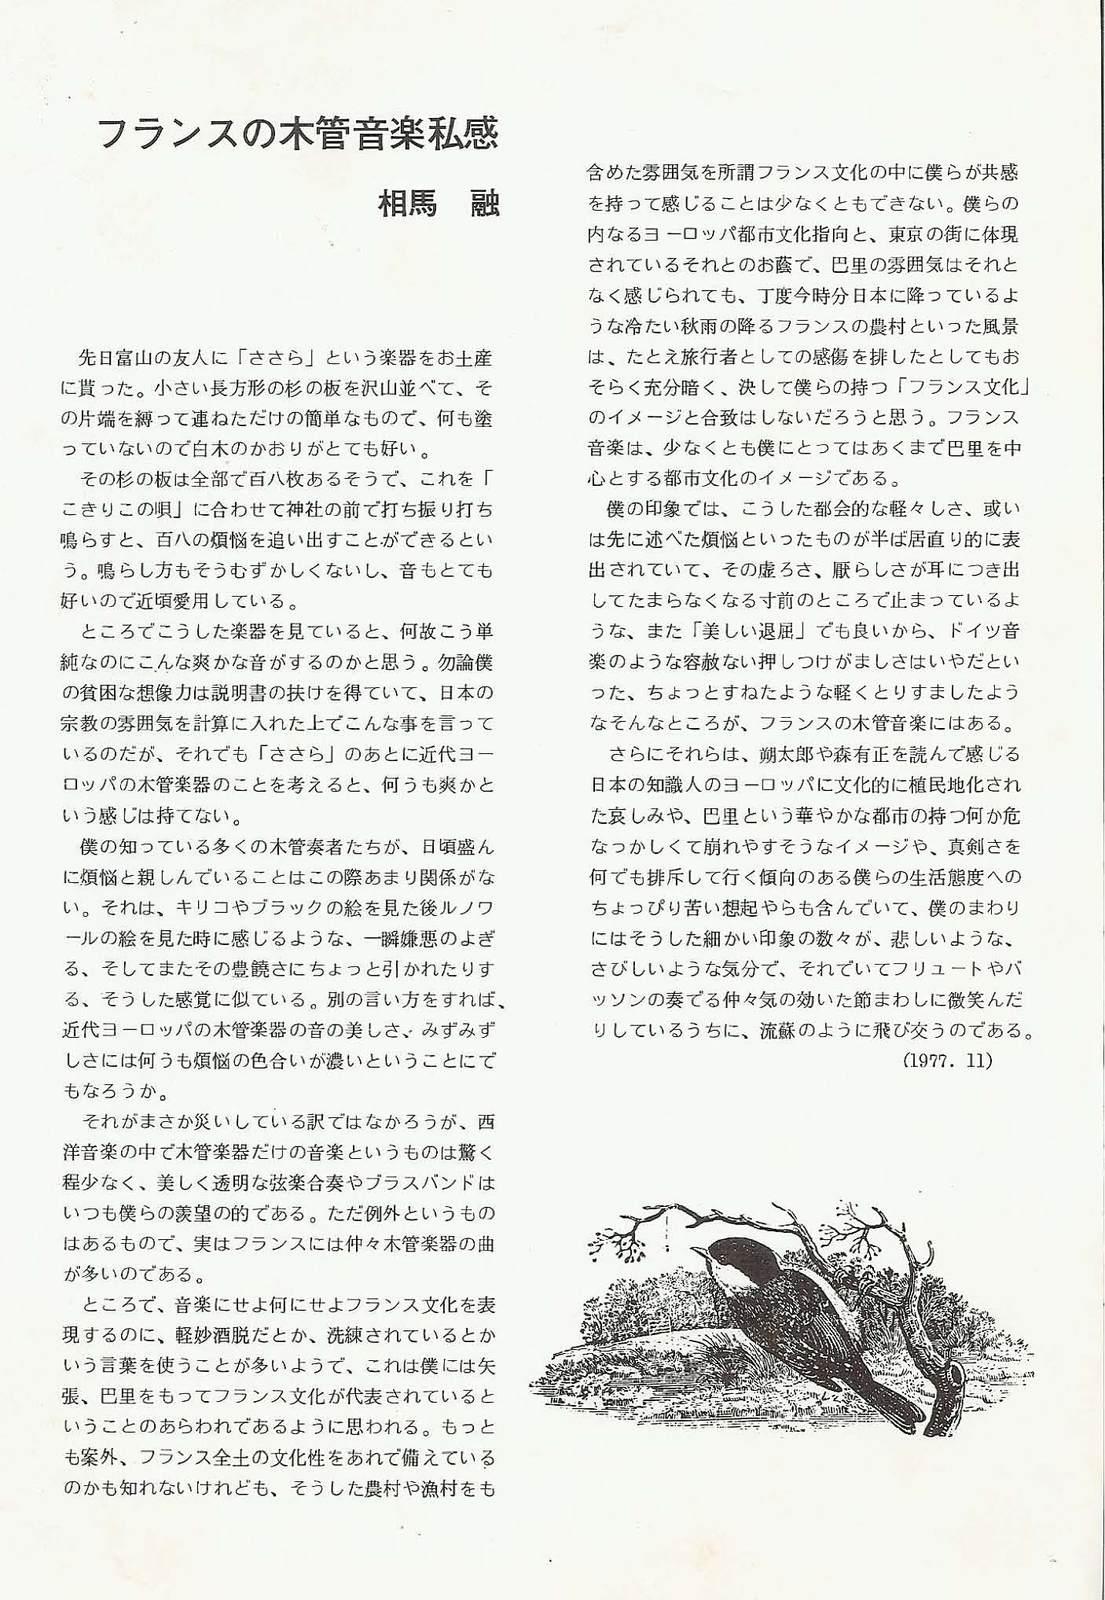 Chunyu_pro_3